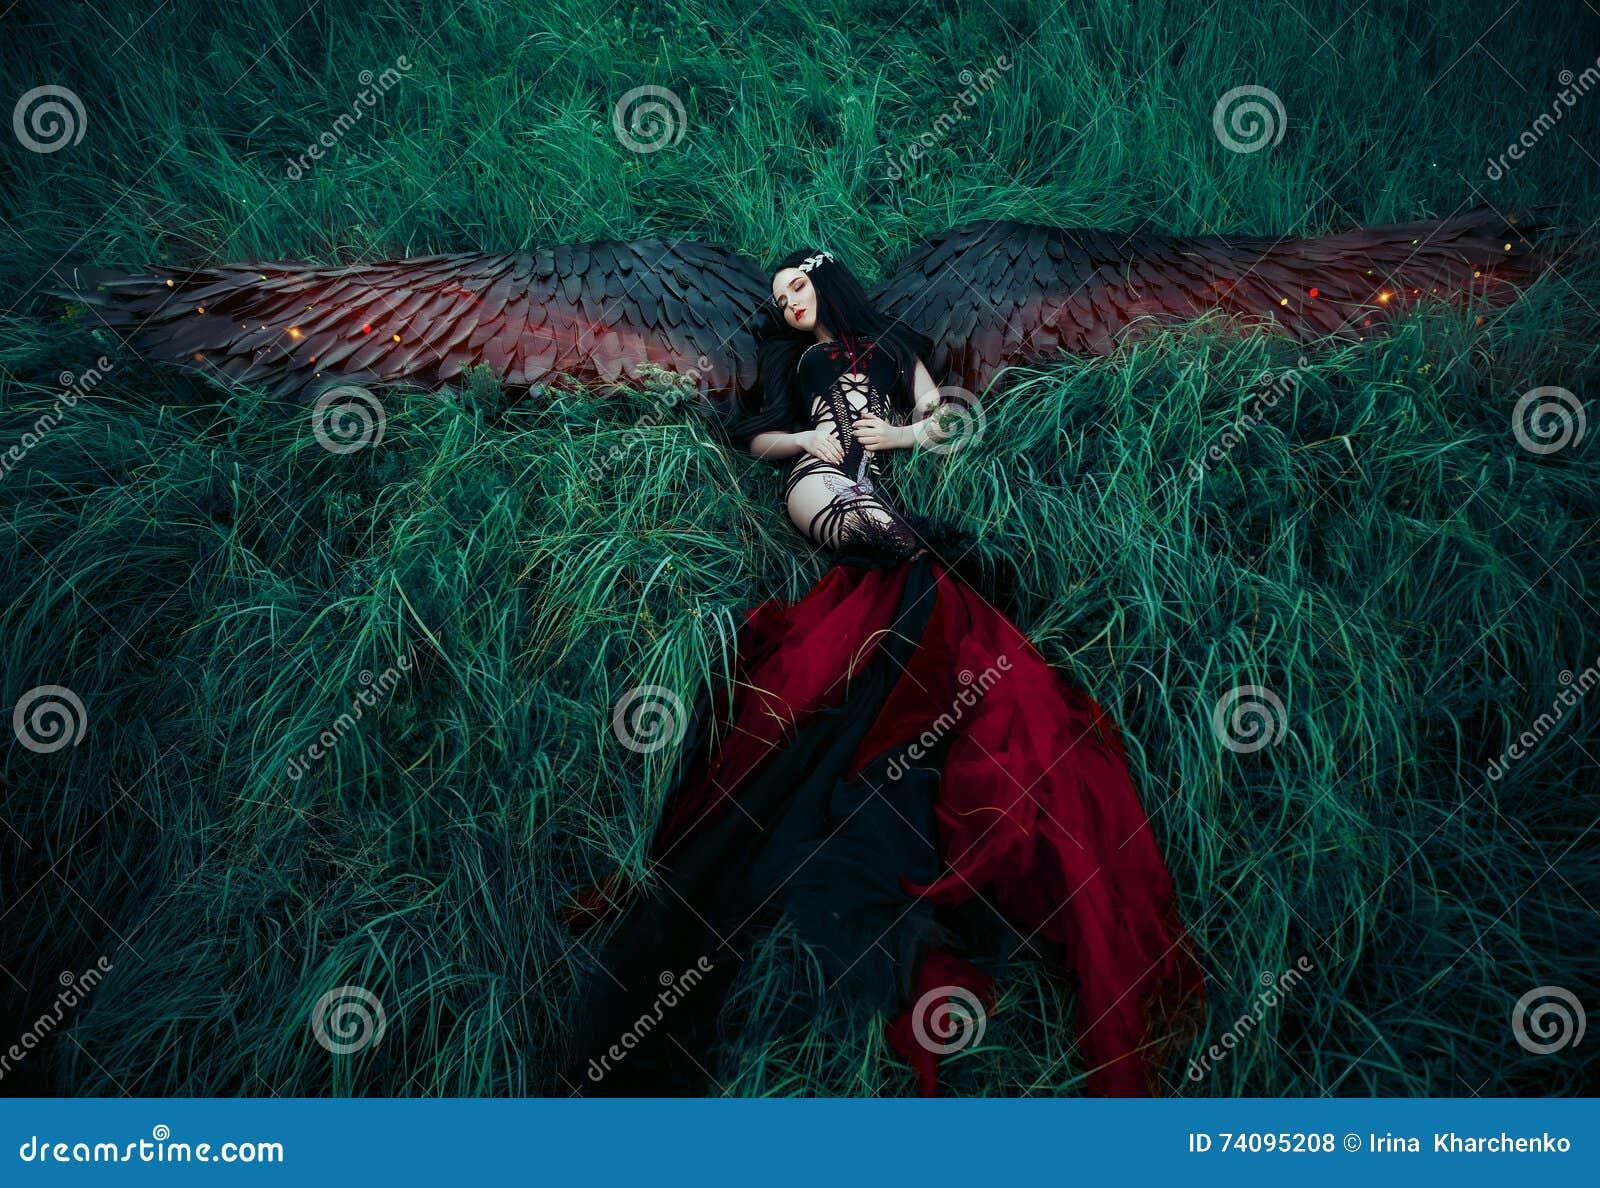 Anjo caído preto